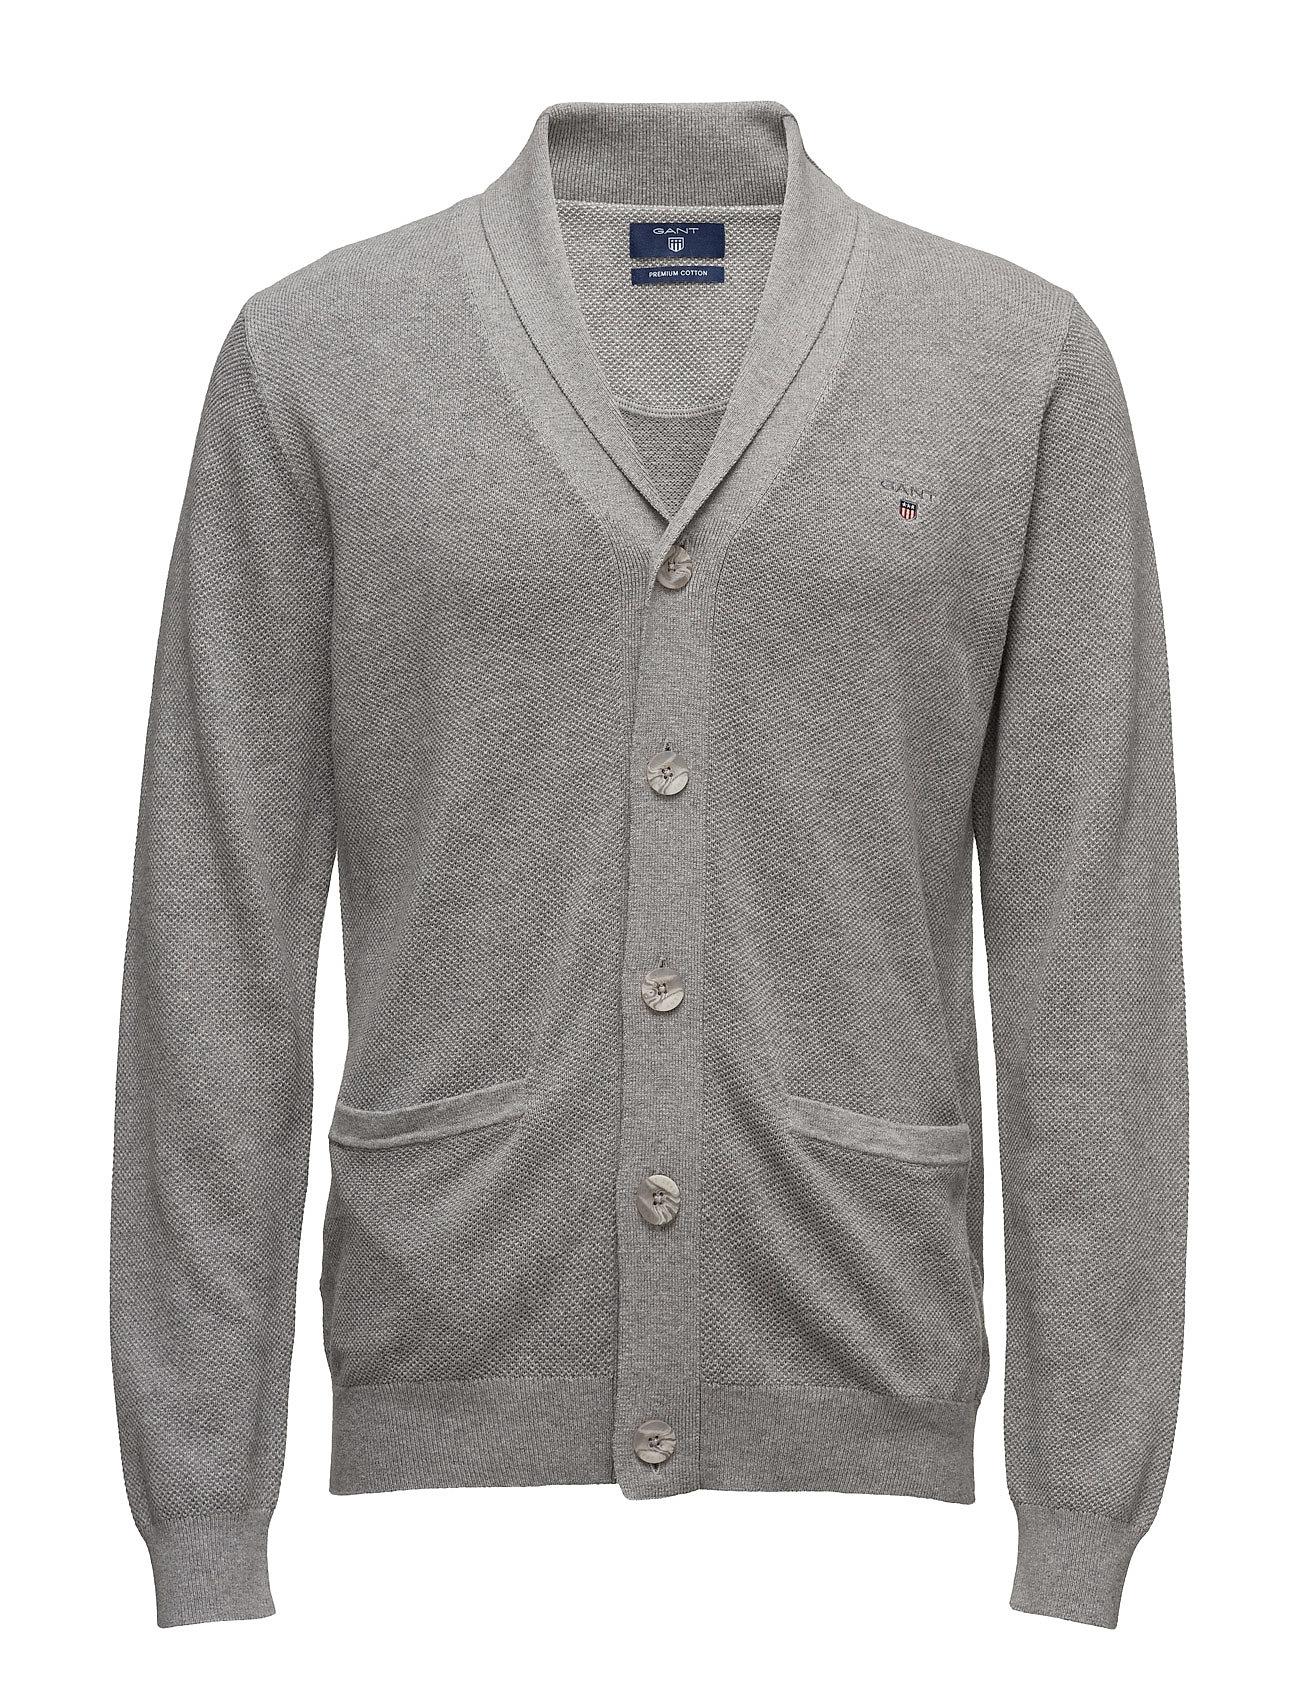 Cotton Pique Shawl Cardigan GANT Cardigans til Herrer i Grey Melange